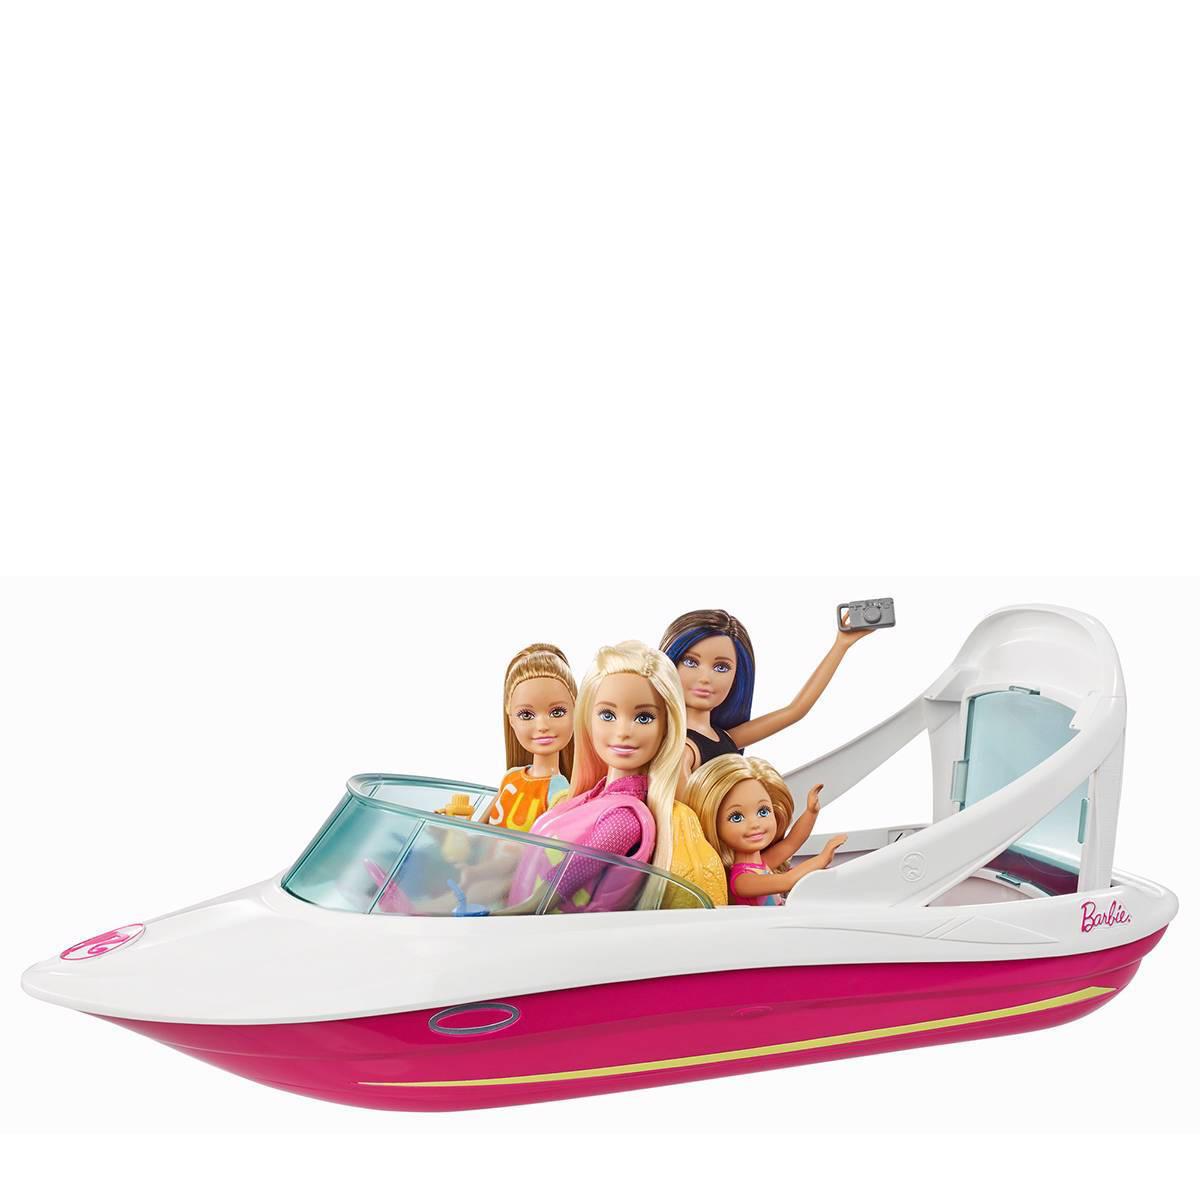 Super Barbie magische dolfijn boot | wehkamp AV-28